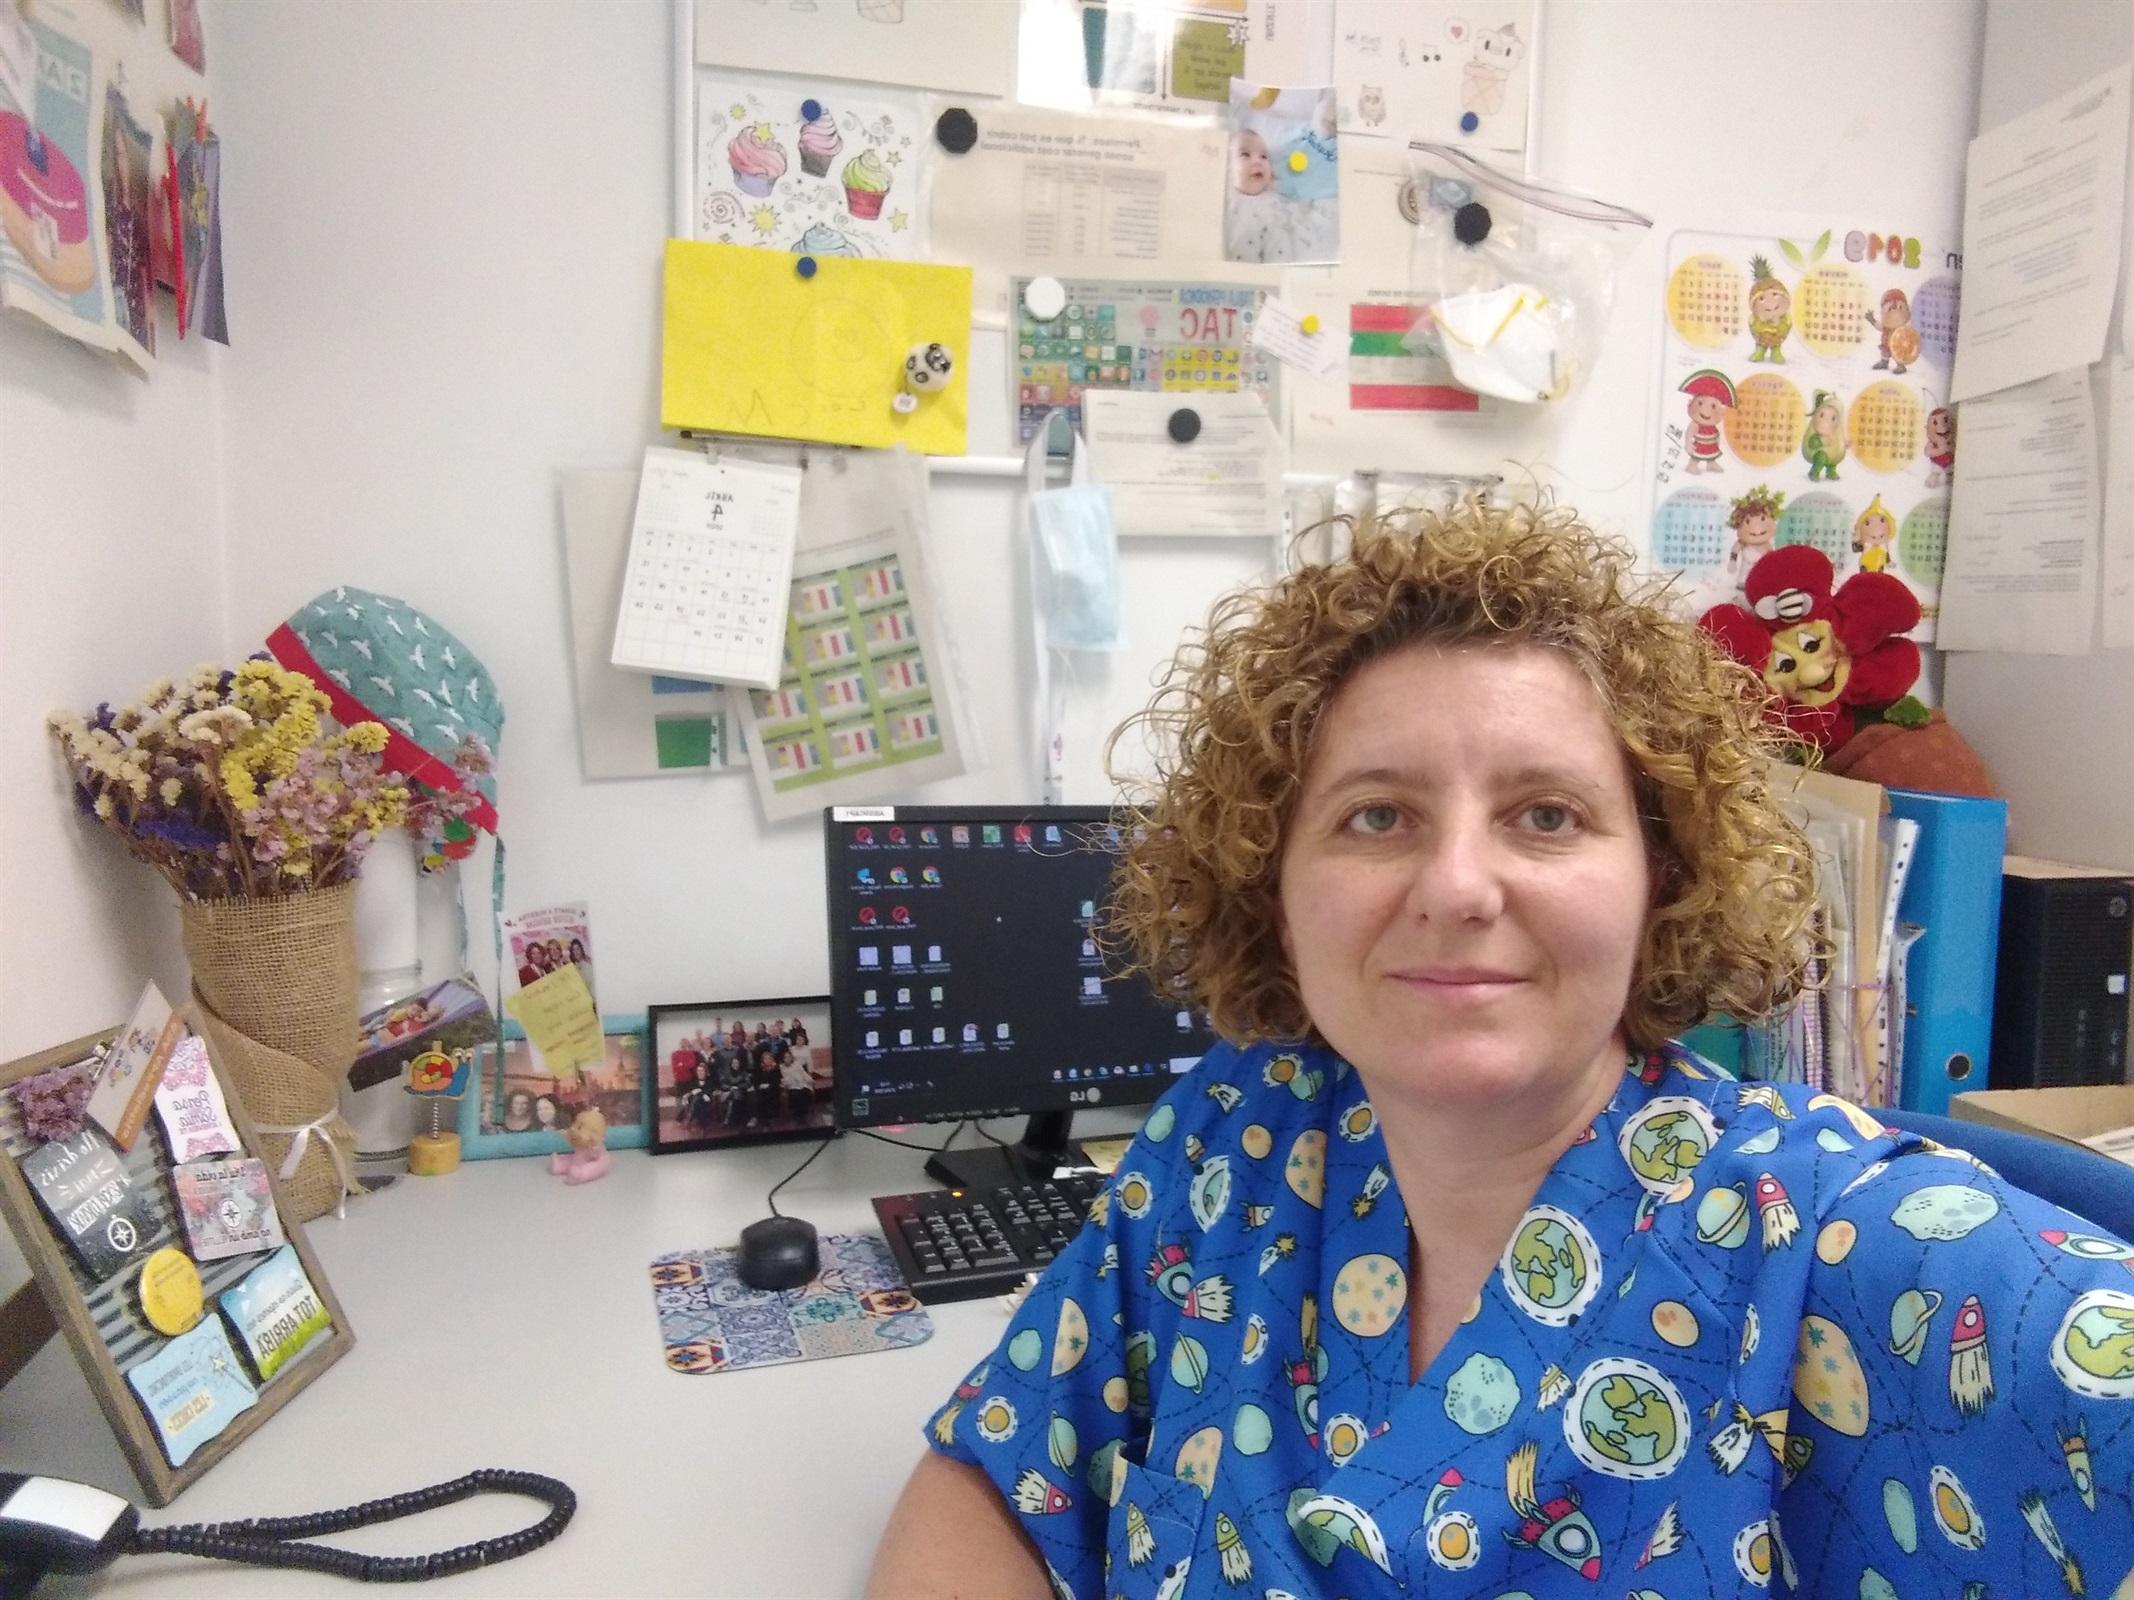 Esther Moral: «S'ha trigat molt a valorar la feina de contenció de la pandèmia que estàvem fent a l'atenció primària»